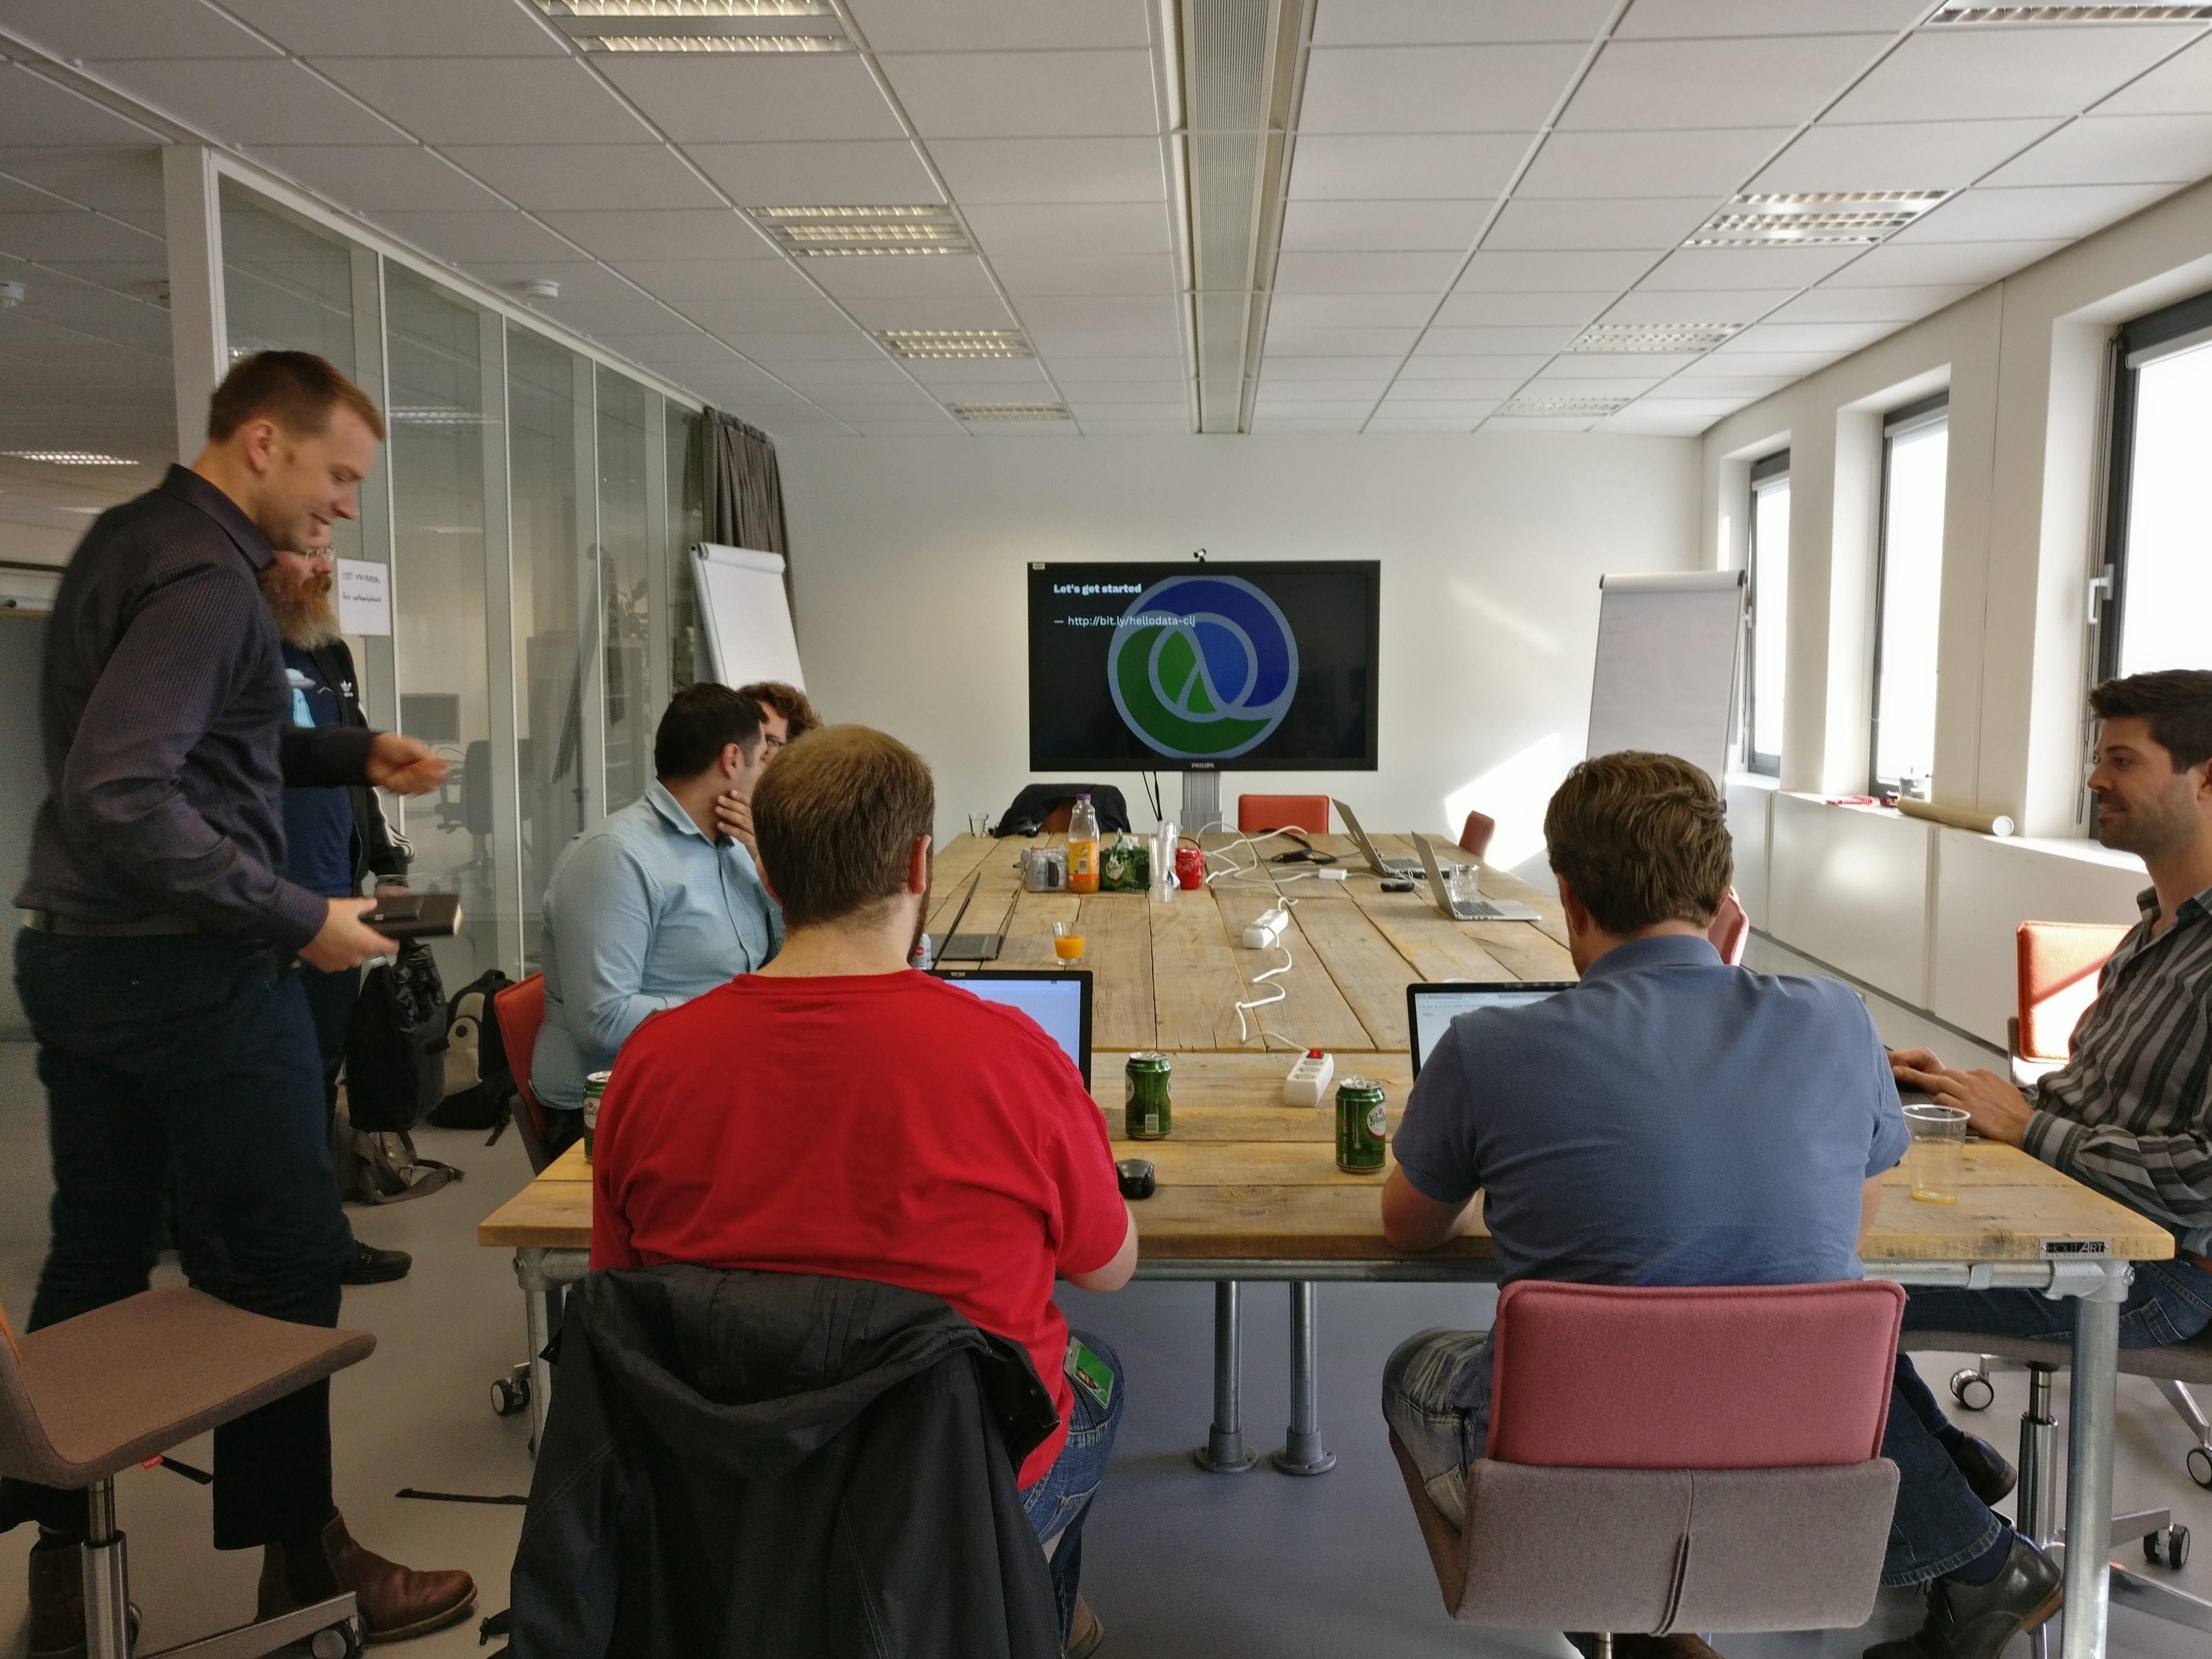 The Dutch Clojure meetup